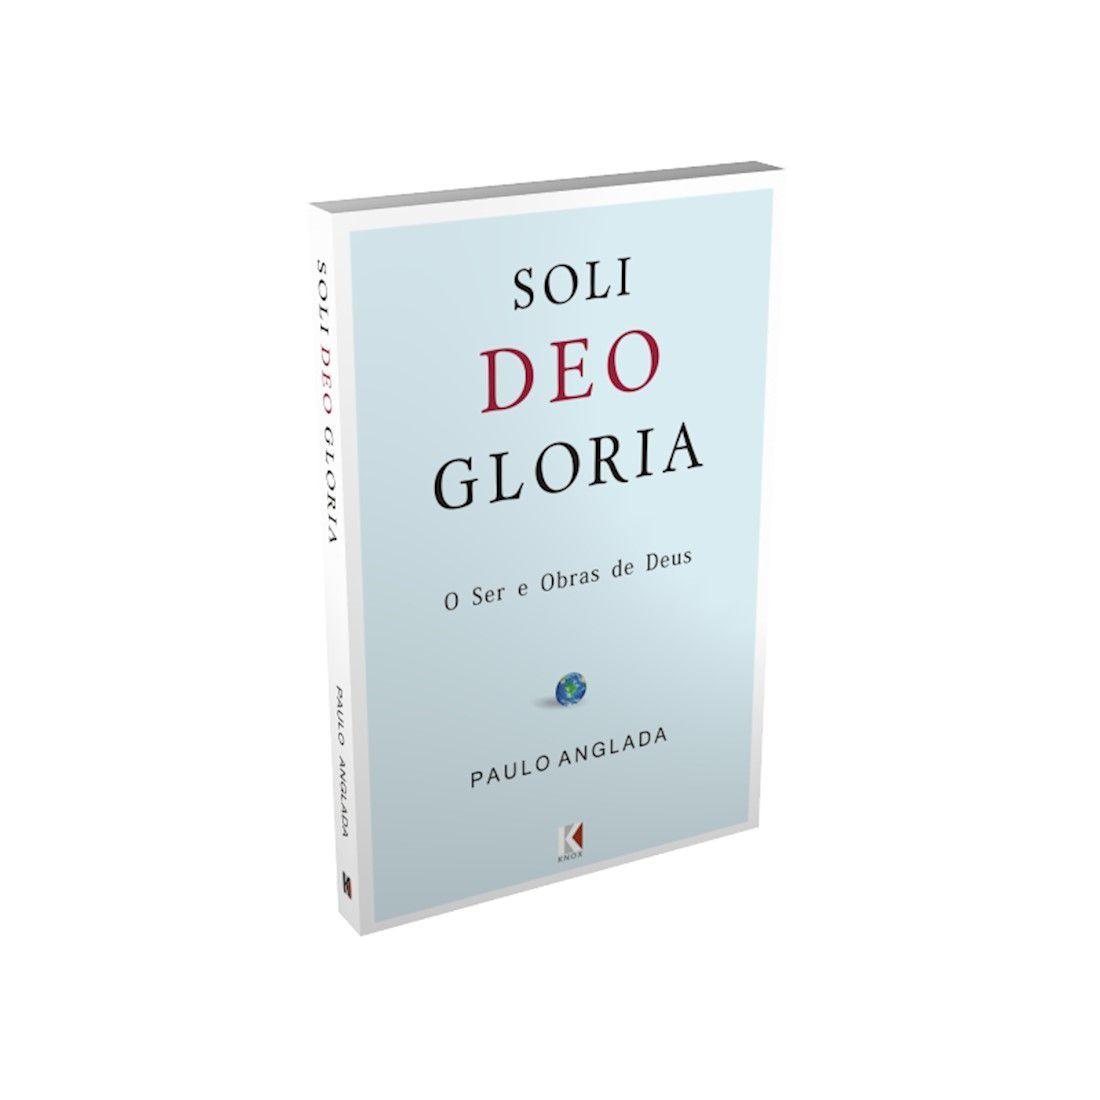 Soli Deo Gloria: O Ser e Obras de Deus (Paulo Anglada) - COM PEQUENOS DEFEITOS